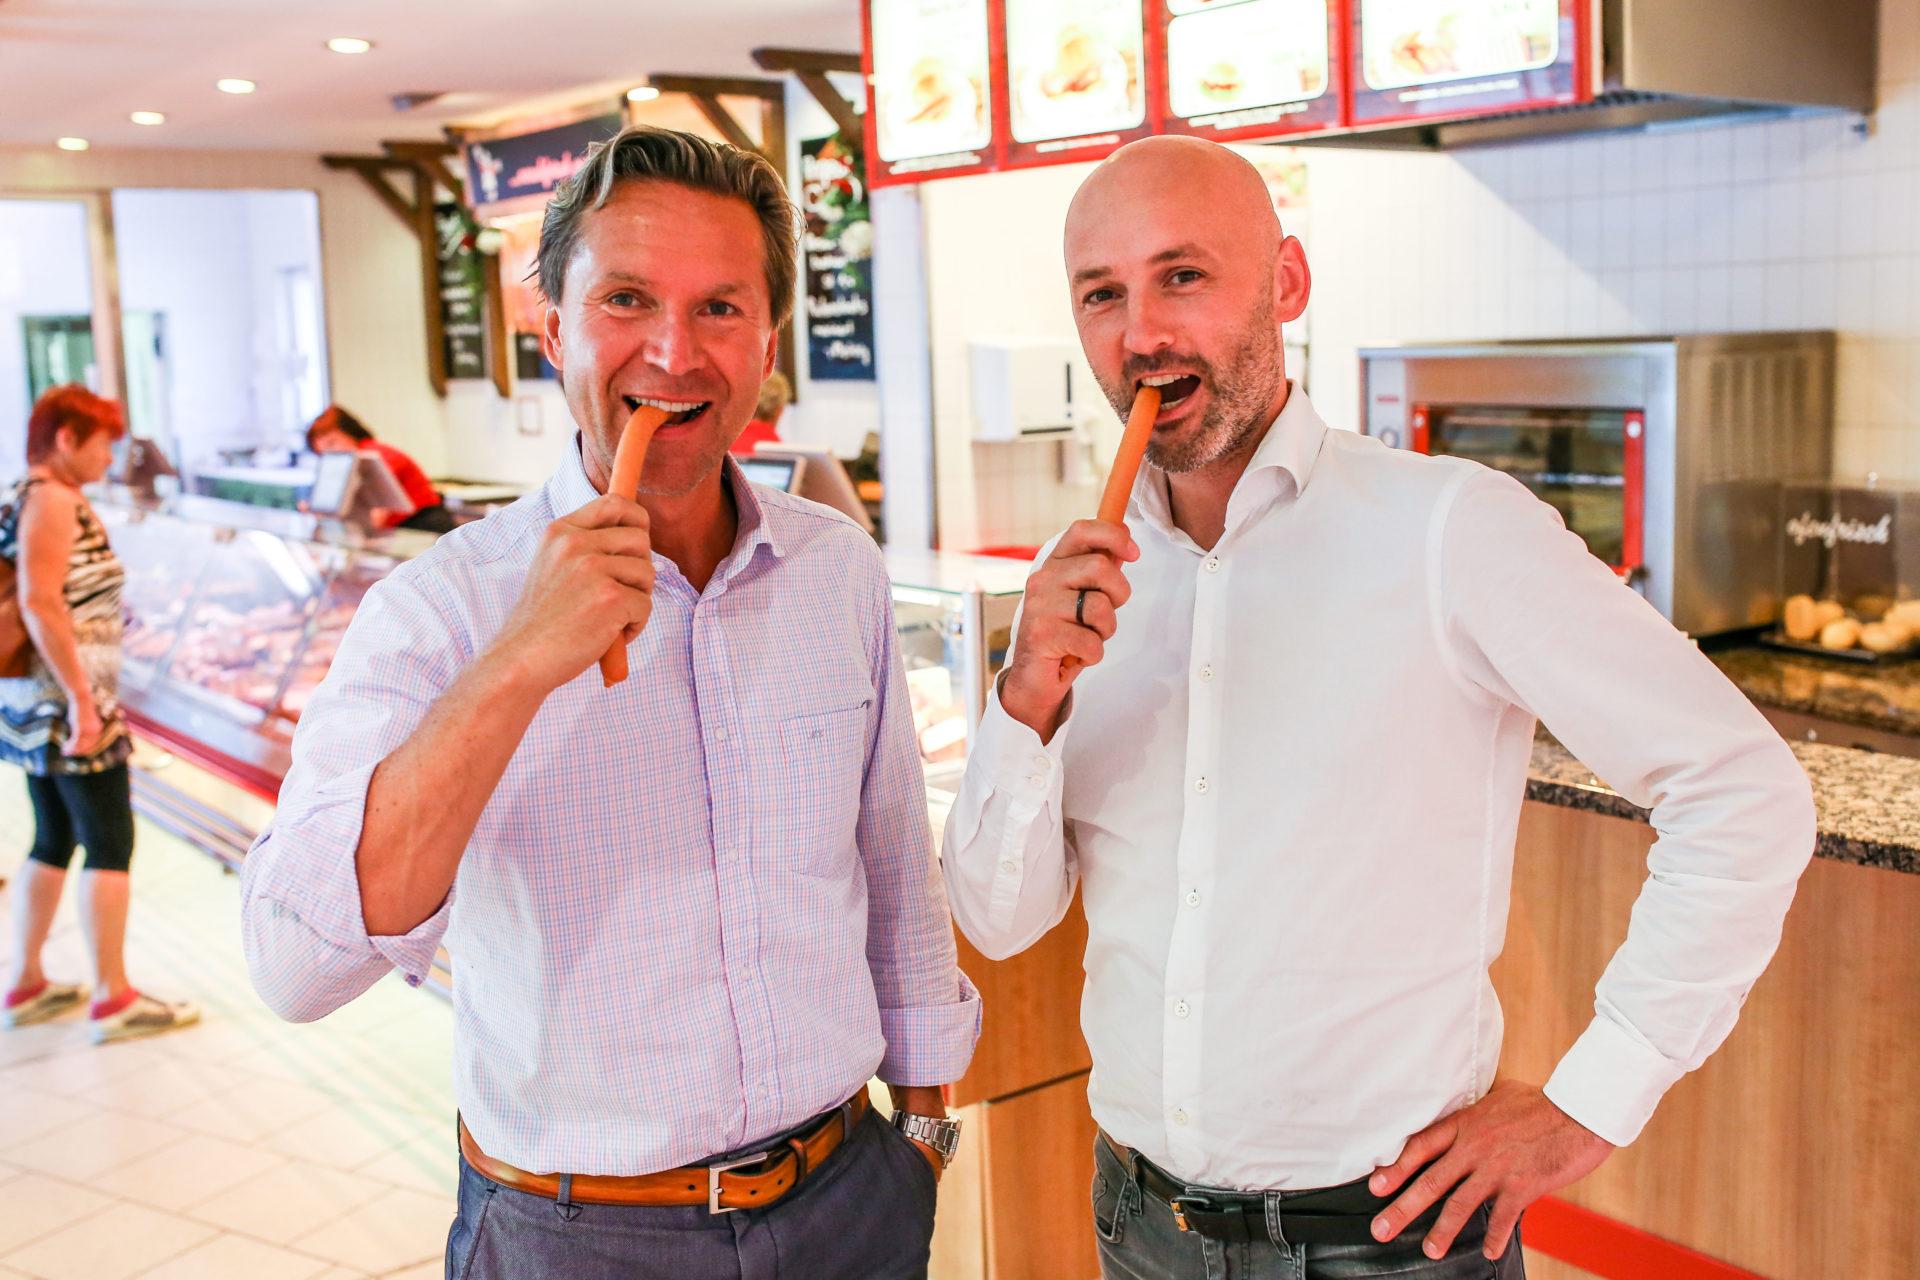 Michael Korch und Felix Alber stehen im Werksverkauf der Radeberger Produktionsstätte und beißen ins Würstchen